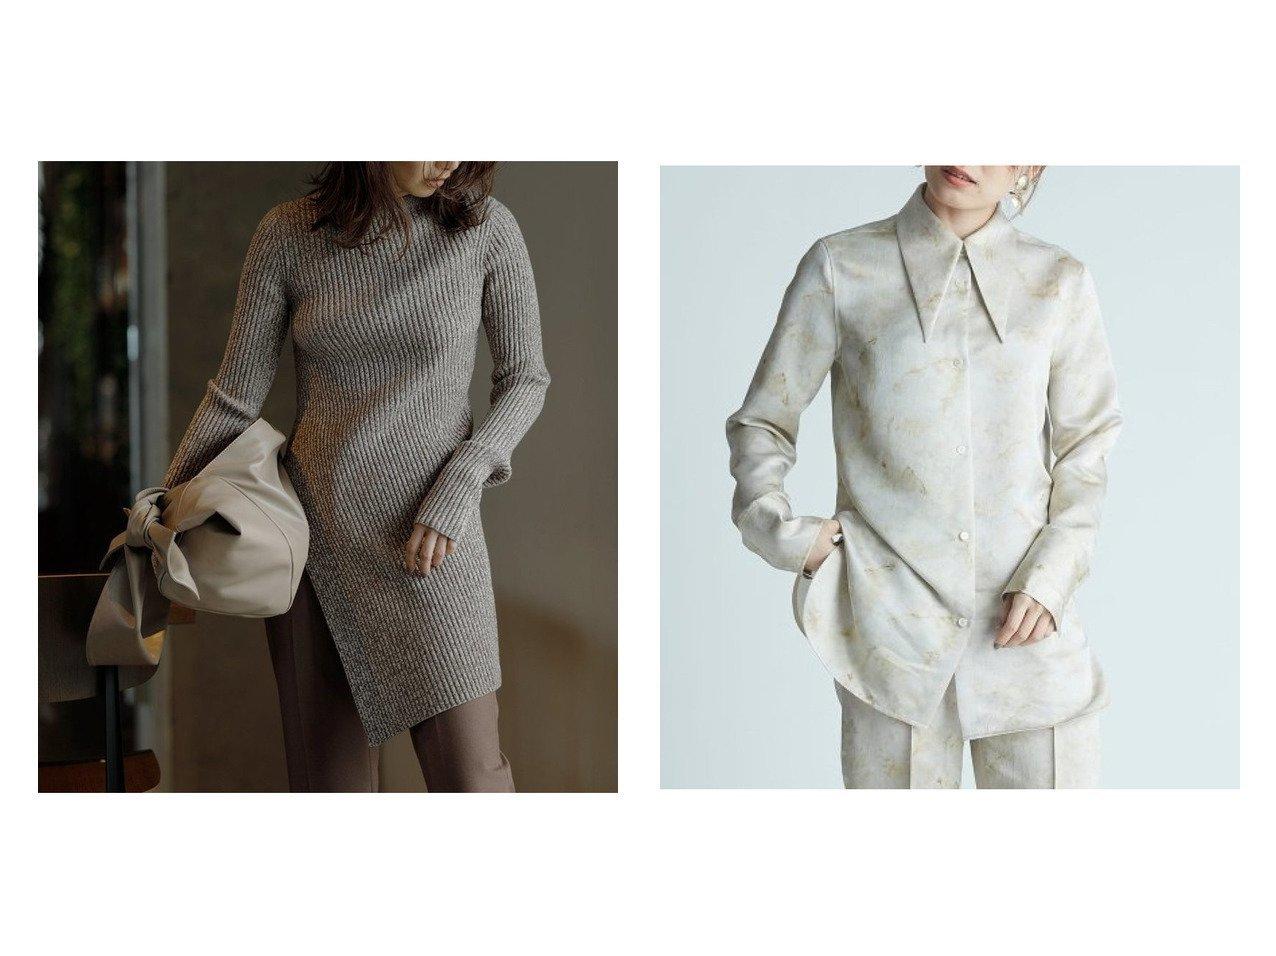 【FRAY I.D/フレイ アイディー】のビッグカラーサテンシャツ&ワンサイドスリットロングプルオーバー トップス・カットソーのおすすめ!人気、トレンド・レディースファッションの通販  おすすめで人気の流行・トレンド、ファッションの通販商品 メンズファッション・キッズファッション・インテリア・家具・レディースファッション・服の通販 founy(ファニー) https://founy.com/ ファッション Fashion レディースファッション WOMEN トップス Tops Tshirt パーカ Sweats プルオーバー Pullover カットソー Cut and Sewn シャツ/ブラウス Shirts Blouses カシミヤ カットソー シンプル スリット チュニック パーカー マキシ ワイド サテン セットアップ ベーシック マーブル 無地 |ID:crp329100000010640